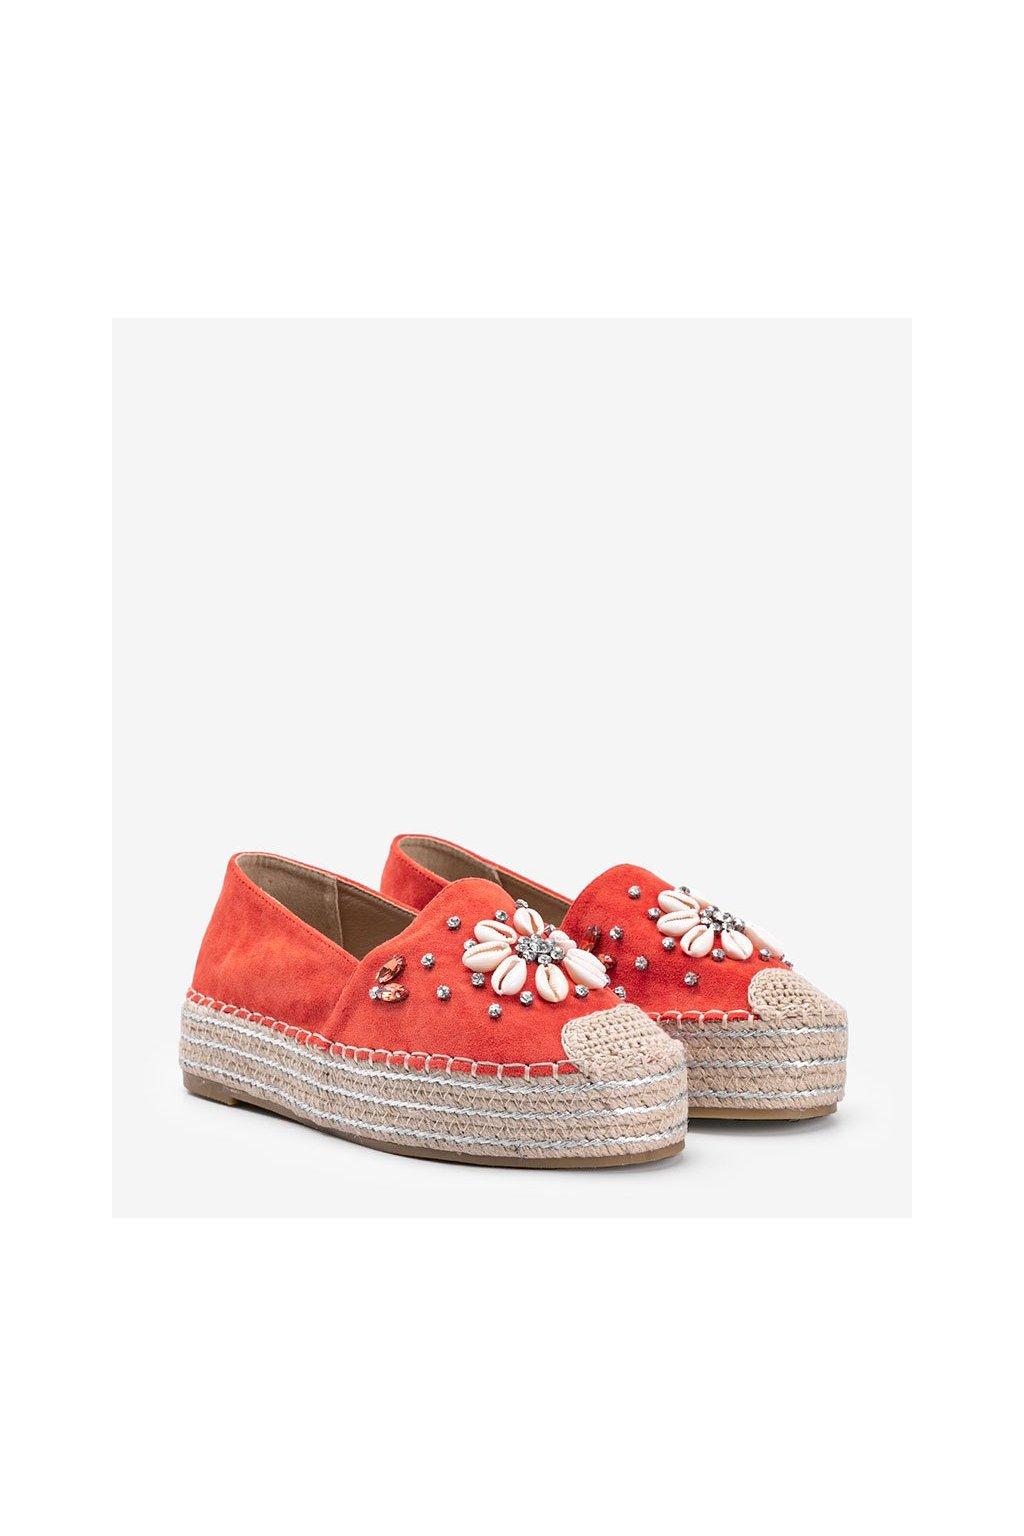 Dámske topánky espadrilky oranžové kód 2798 - GM